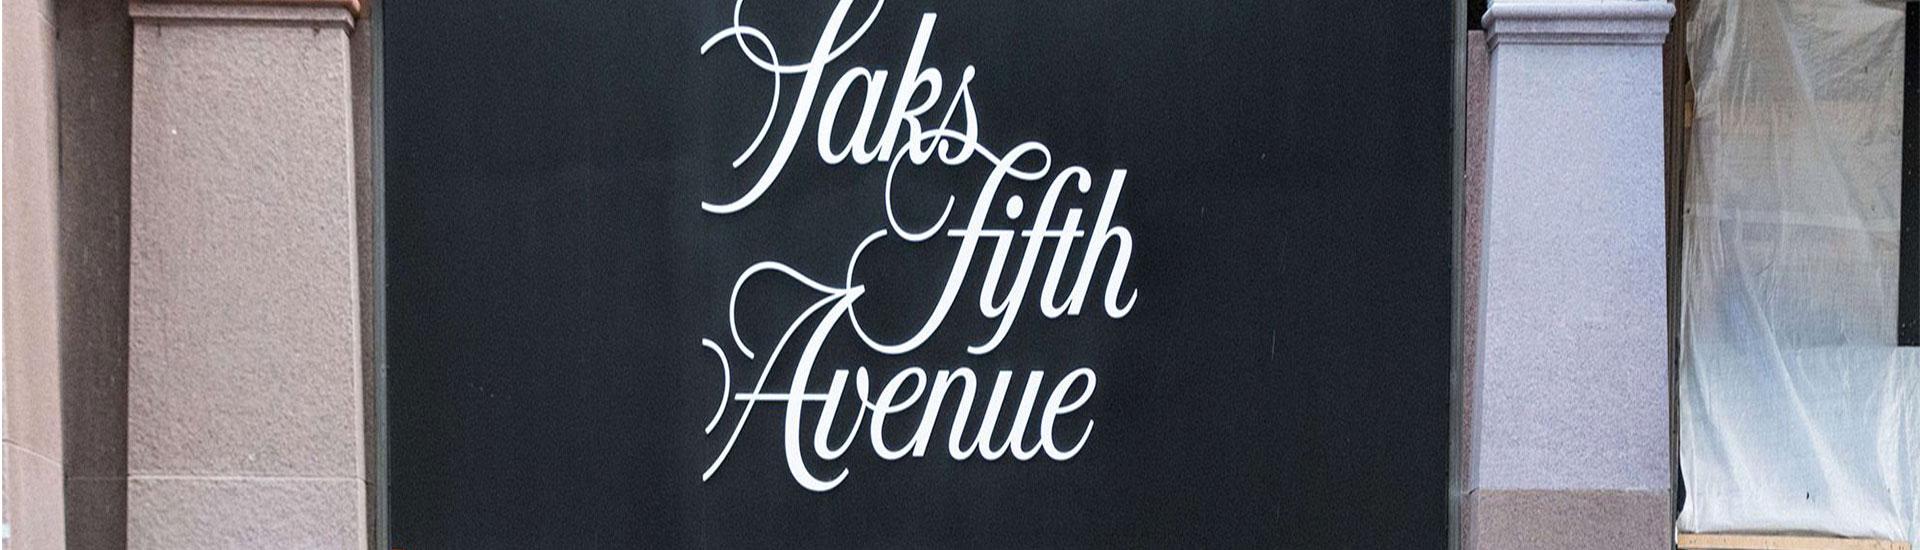 Saks Fifth Avenue'den Alışveriş